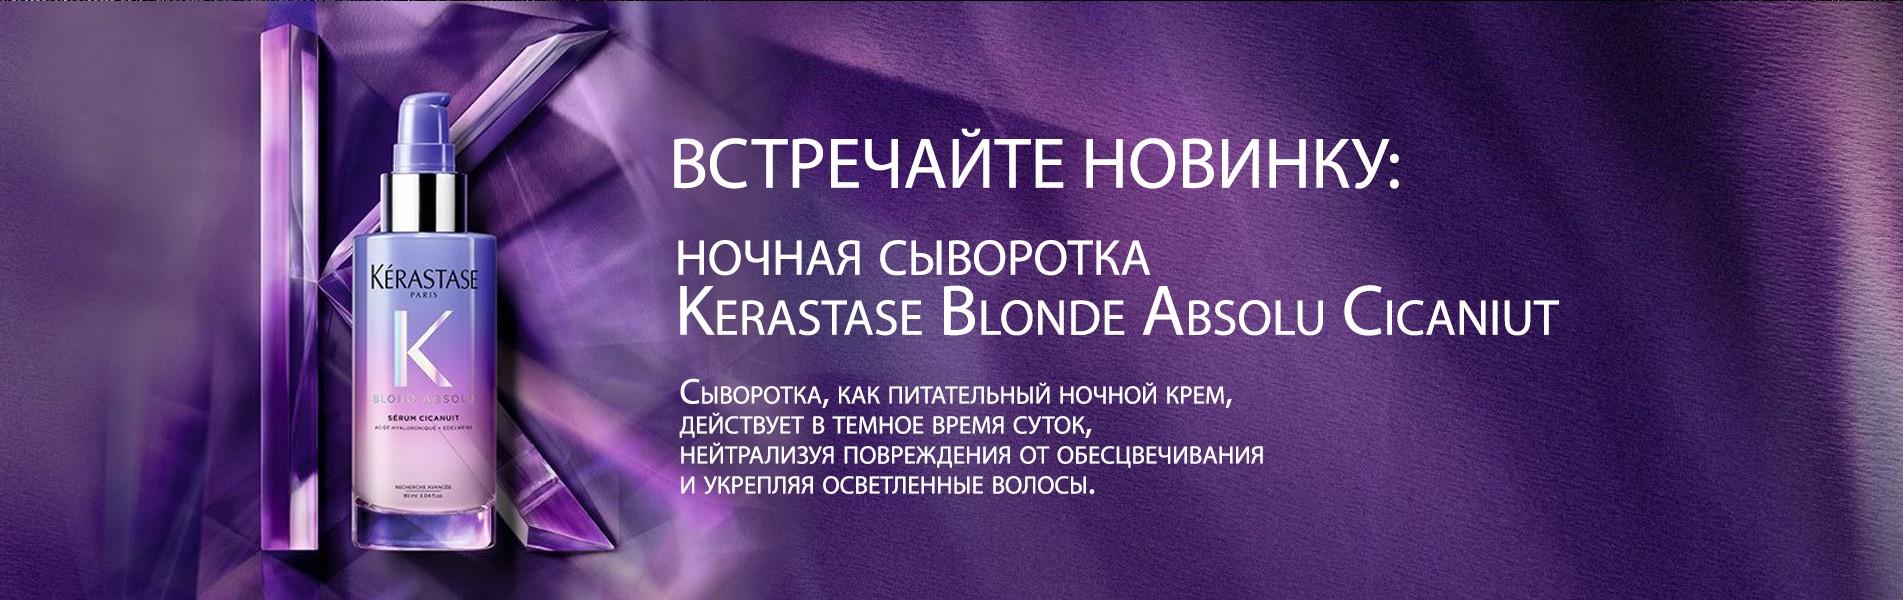 Встречайте новинку — ночную сыворотку Kerastase Blond Absolu Cicanuit